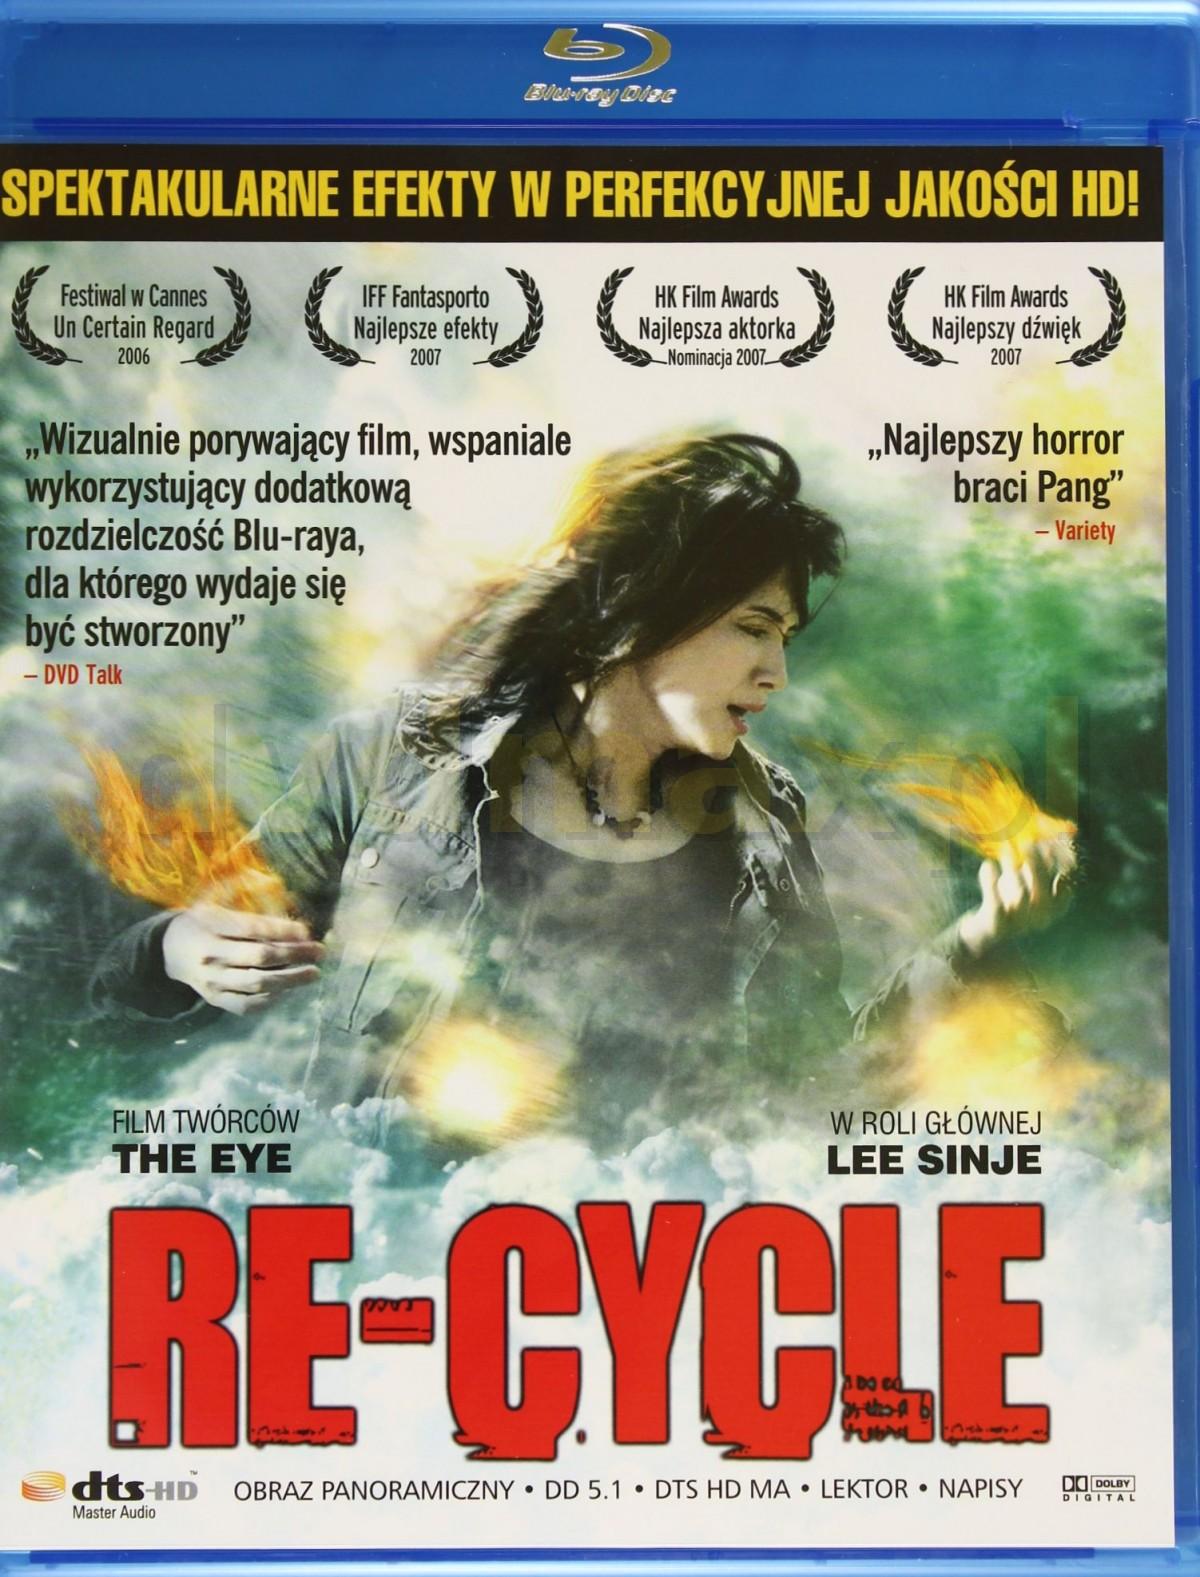 Od-rodzenie (Re-cycle)